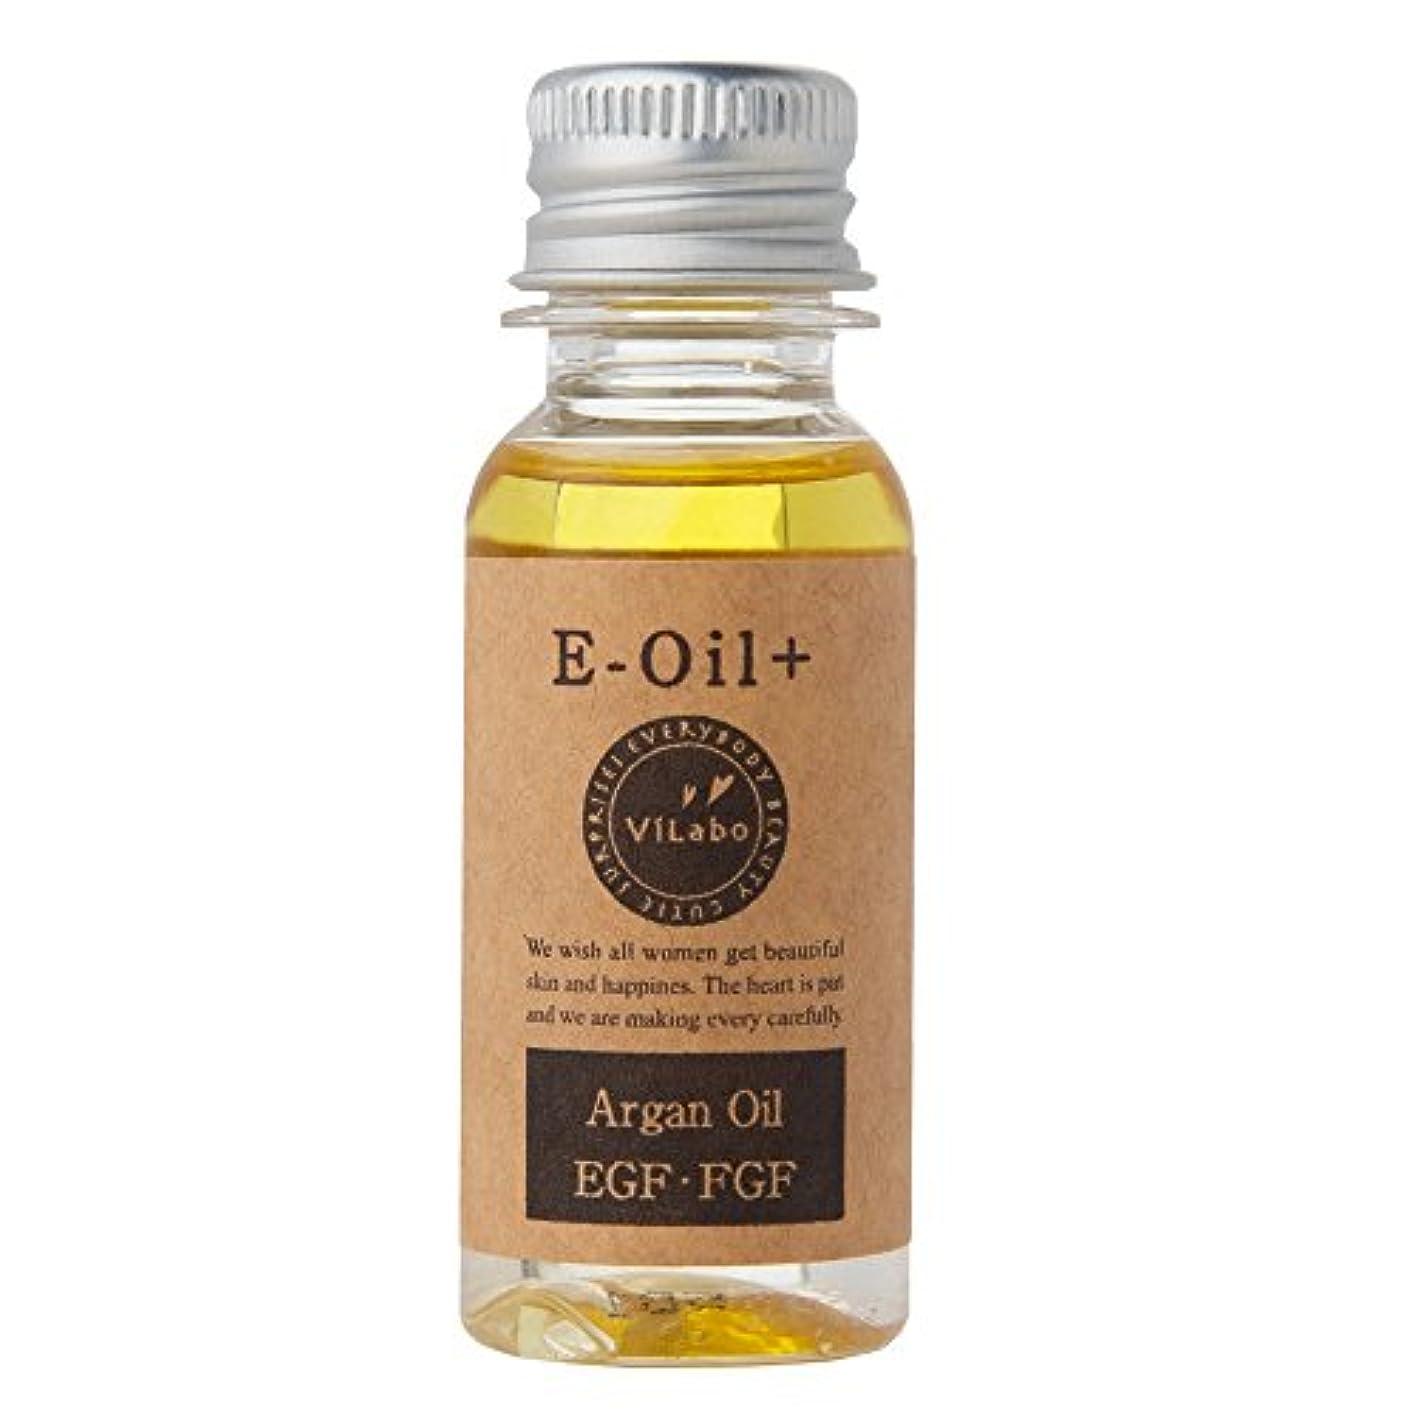 祝福激しい気候の山ViLabo アルガンオイル+EGF?FGF原液 (販売名:イーオイルプラスAR)30ml